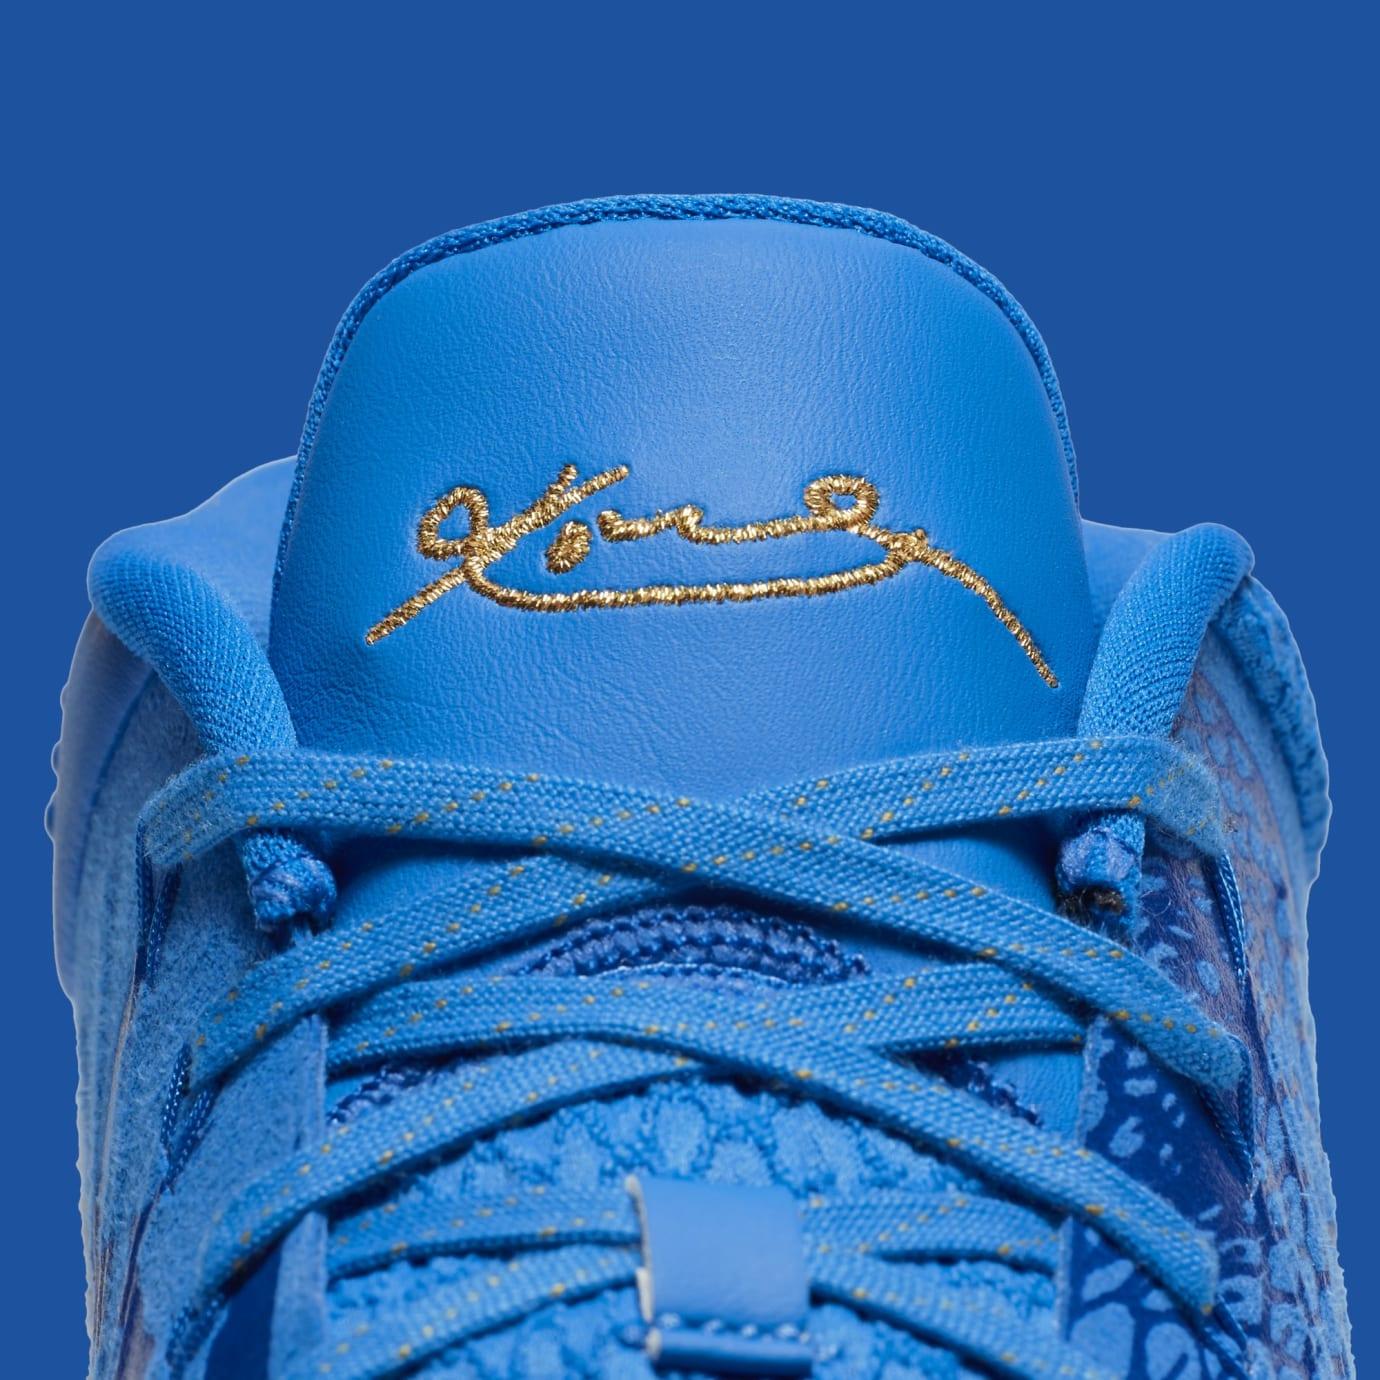 5a758f4f052d Image via Nike Nike Kobe A.D. Mid DeMar DeRozan PE AQ2722-900 (Tongue)